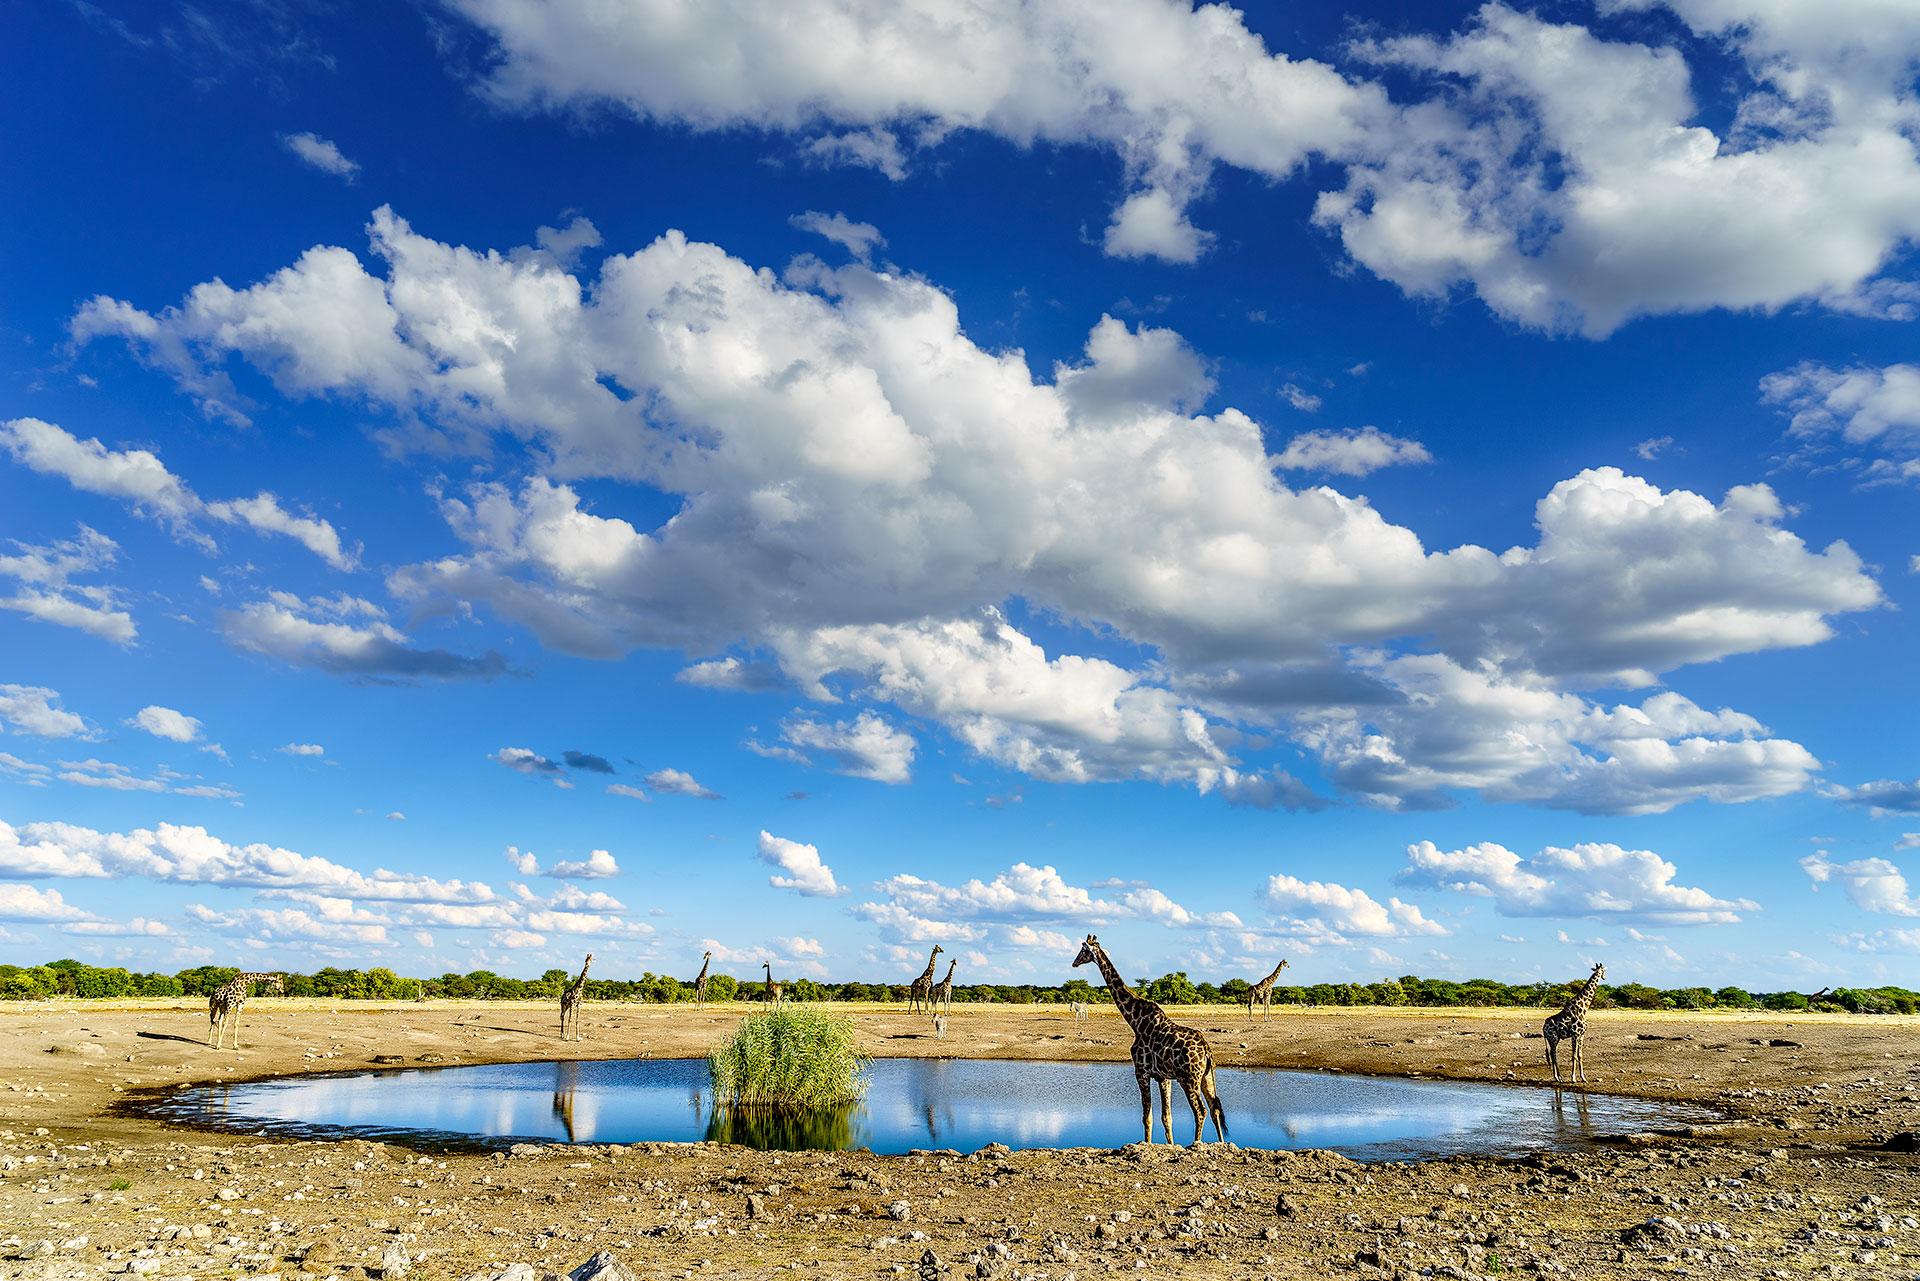 Giraffen am Wasserloch in Etosha fotografiert auf einer Fotoreise mit Benny Rebel Fotosafaris GmbH